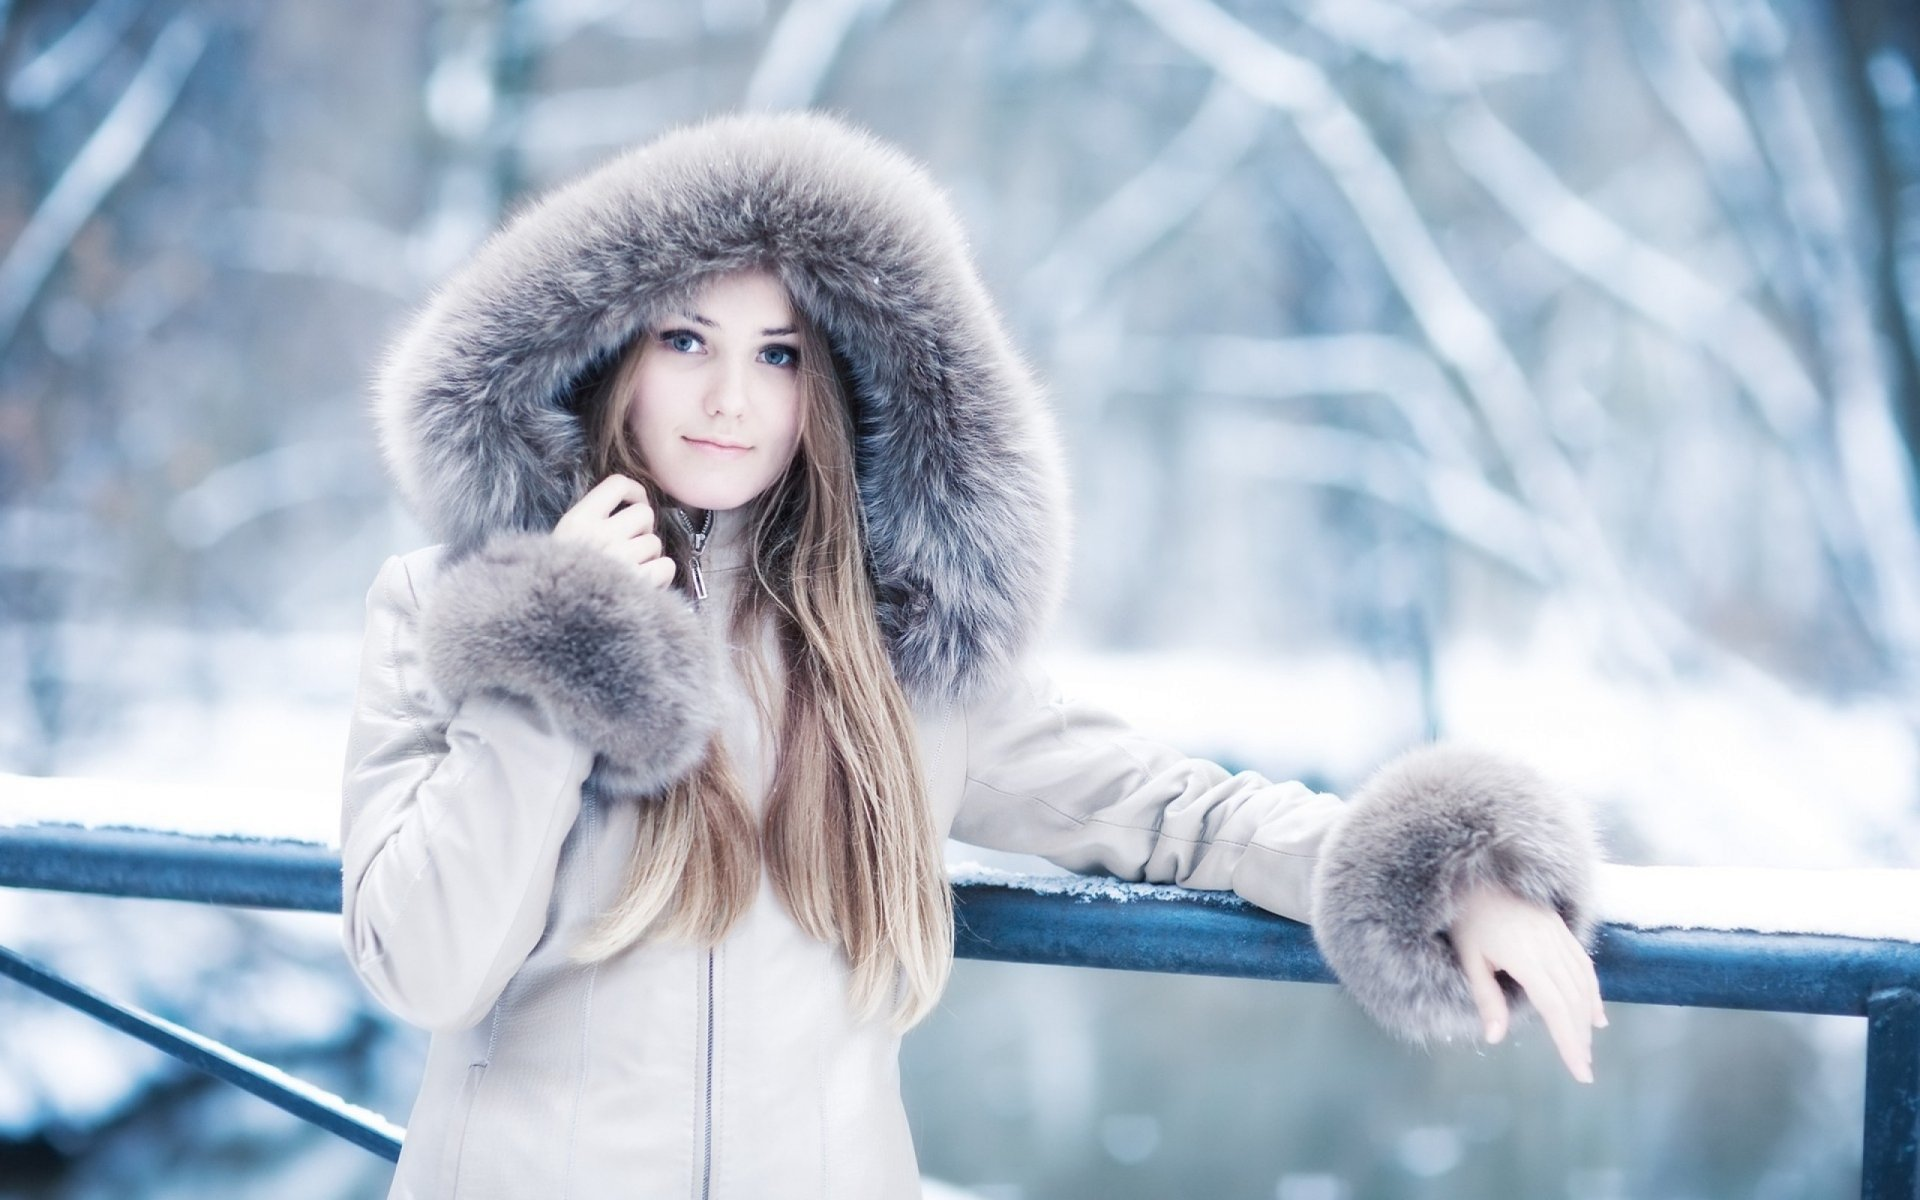 Красивые девчонки зимой, влагалище в крупном плане